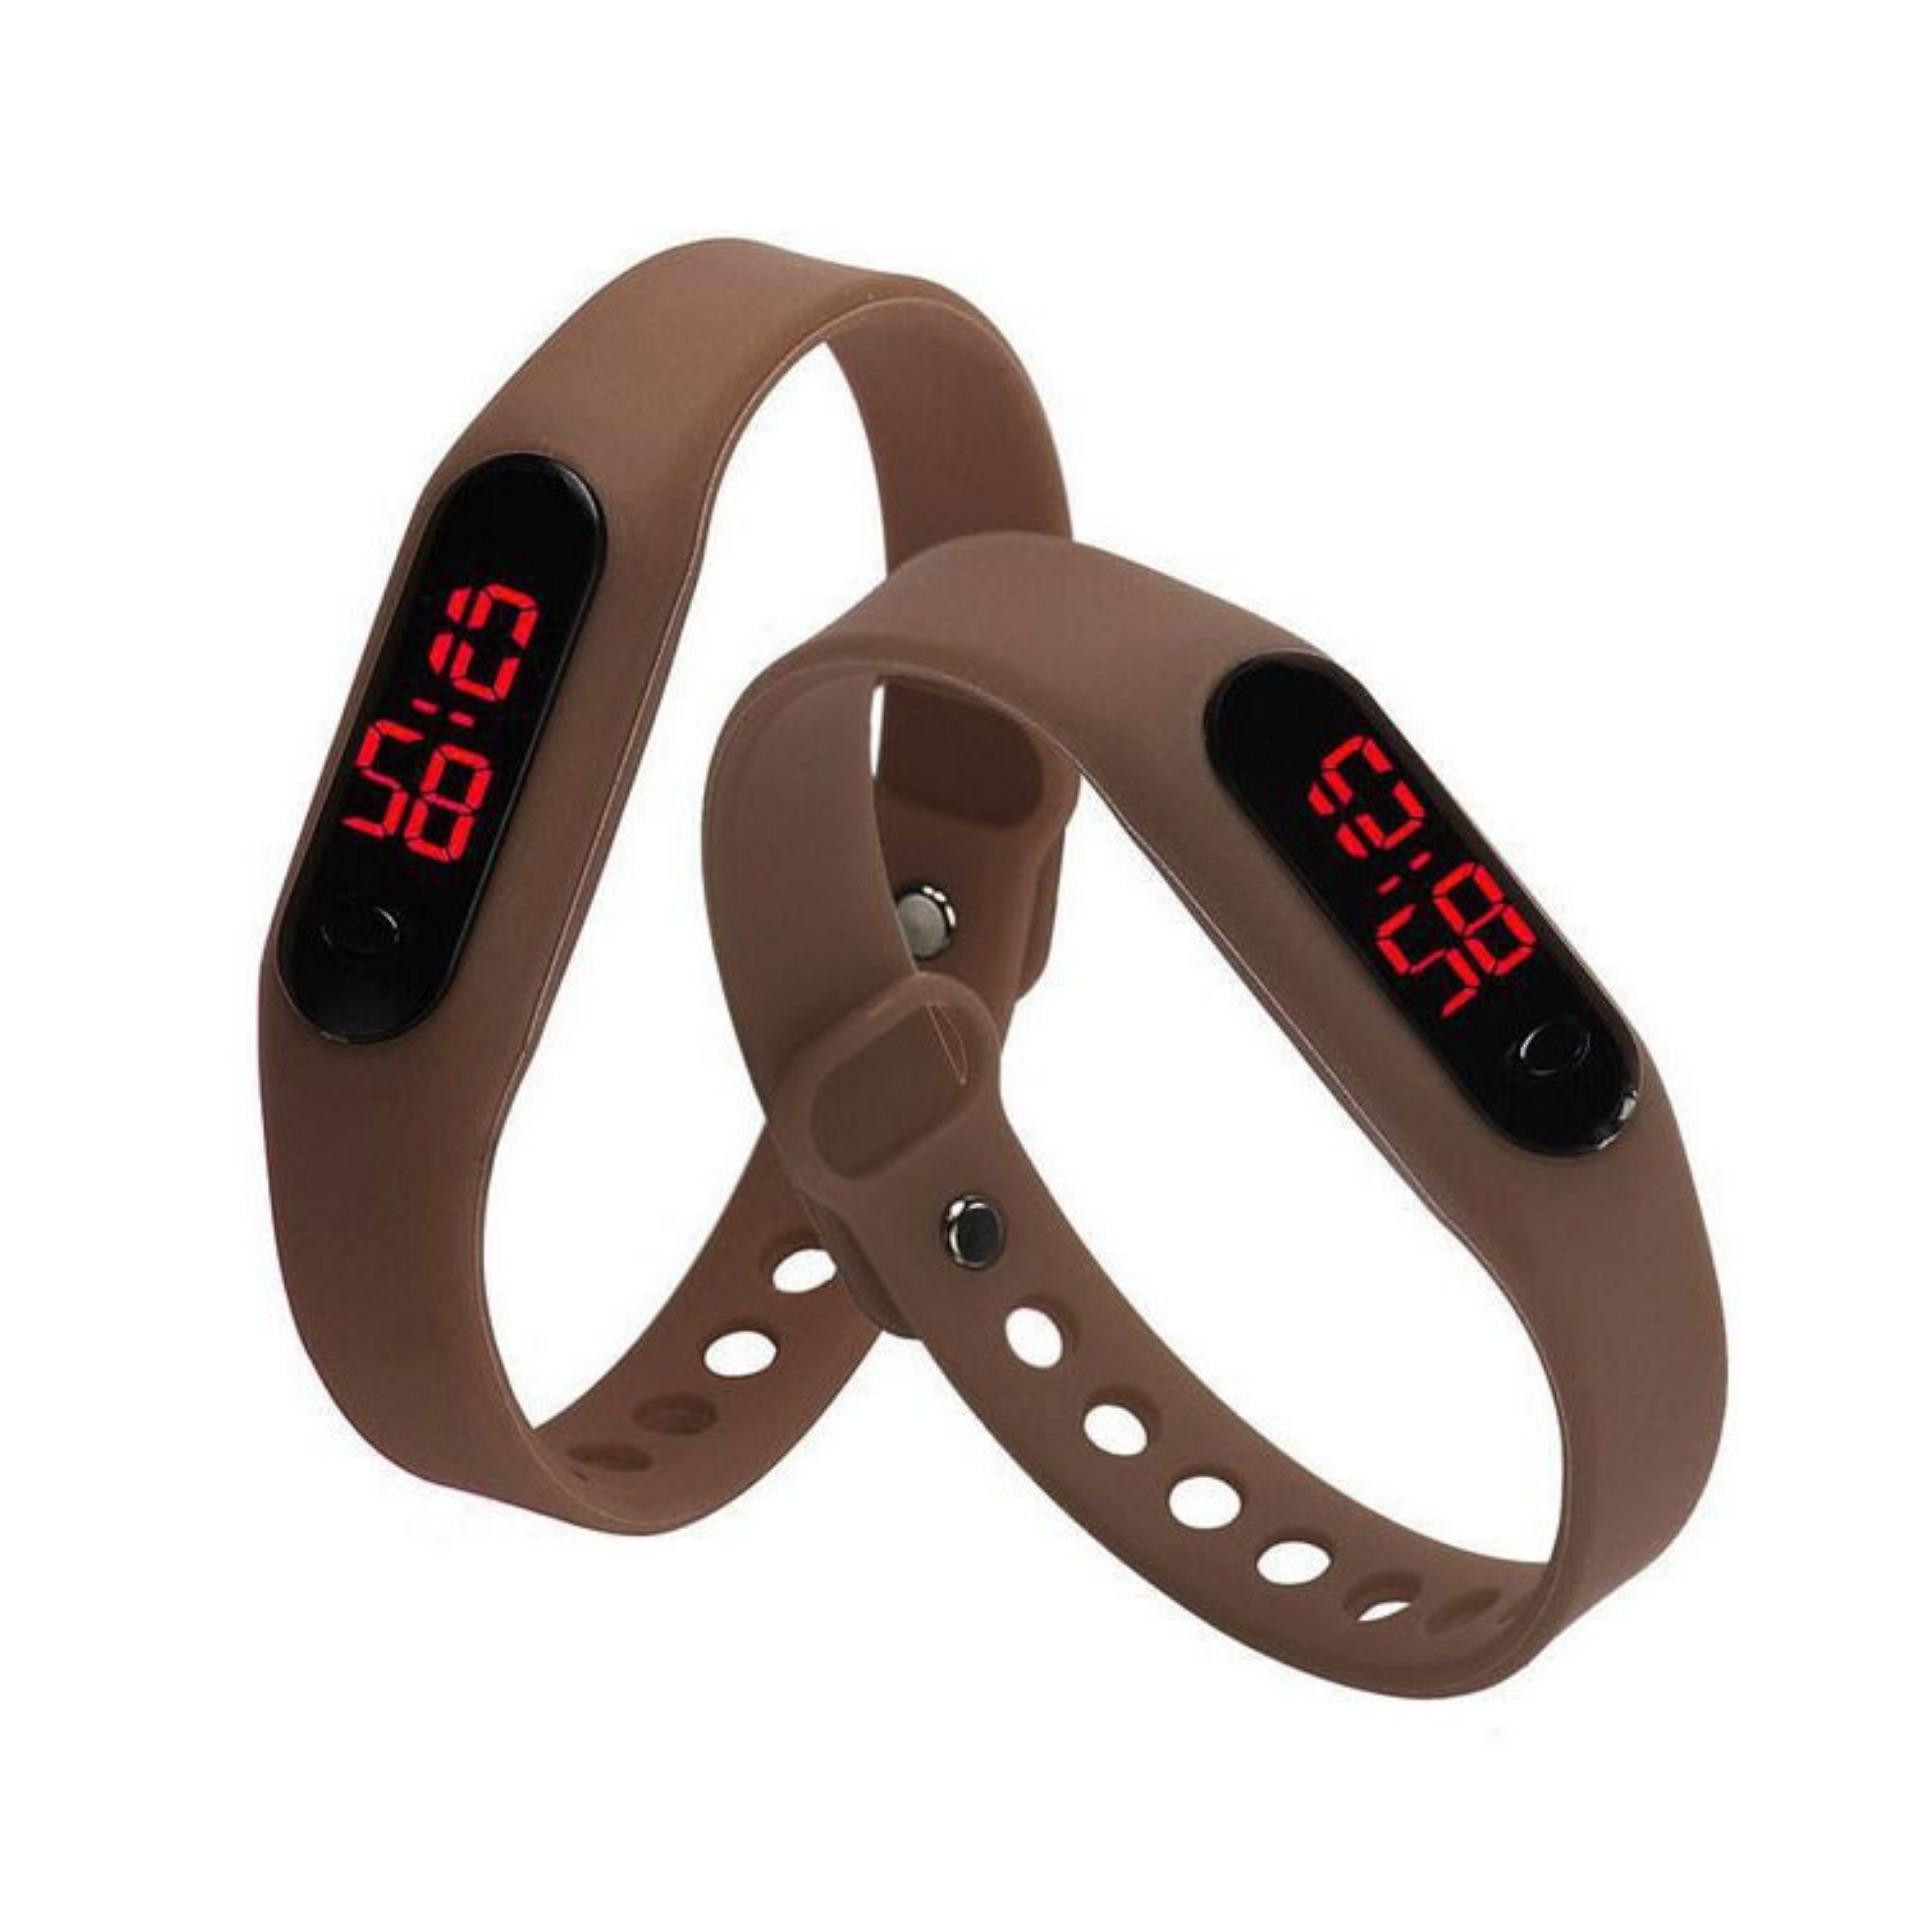 ... Jam Tangan LED Jam Tangan Pria dan Wanita Strap Karet